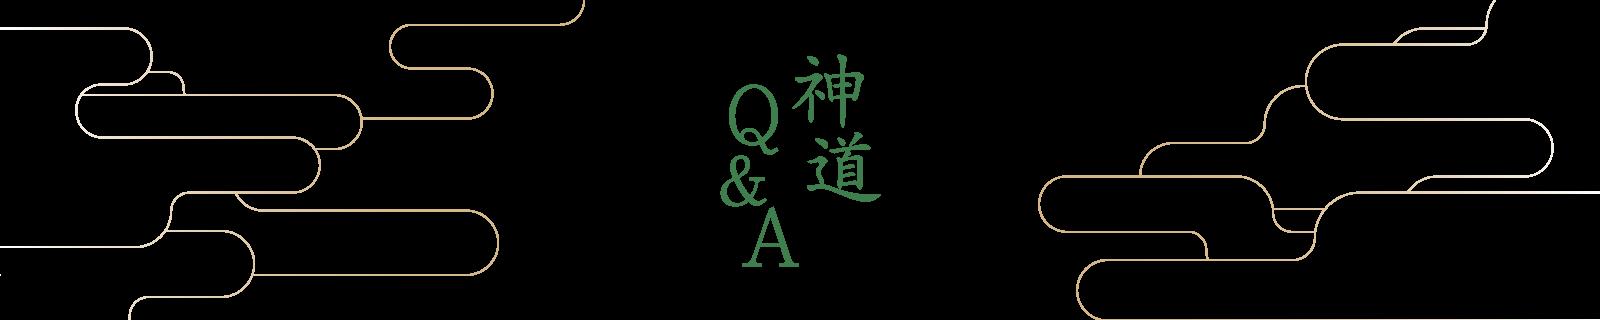 神道Q&A_SP